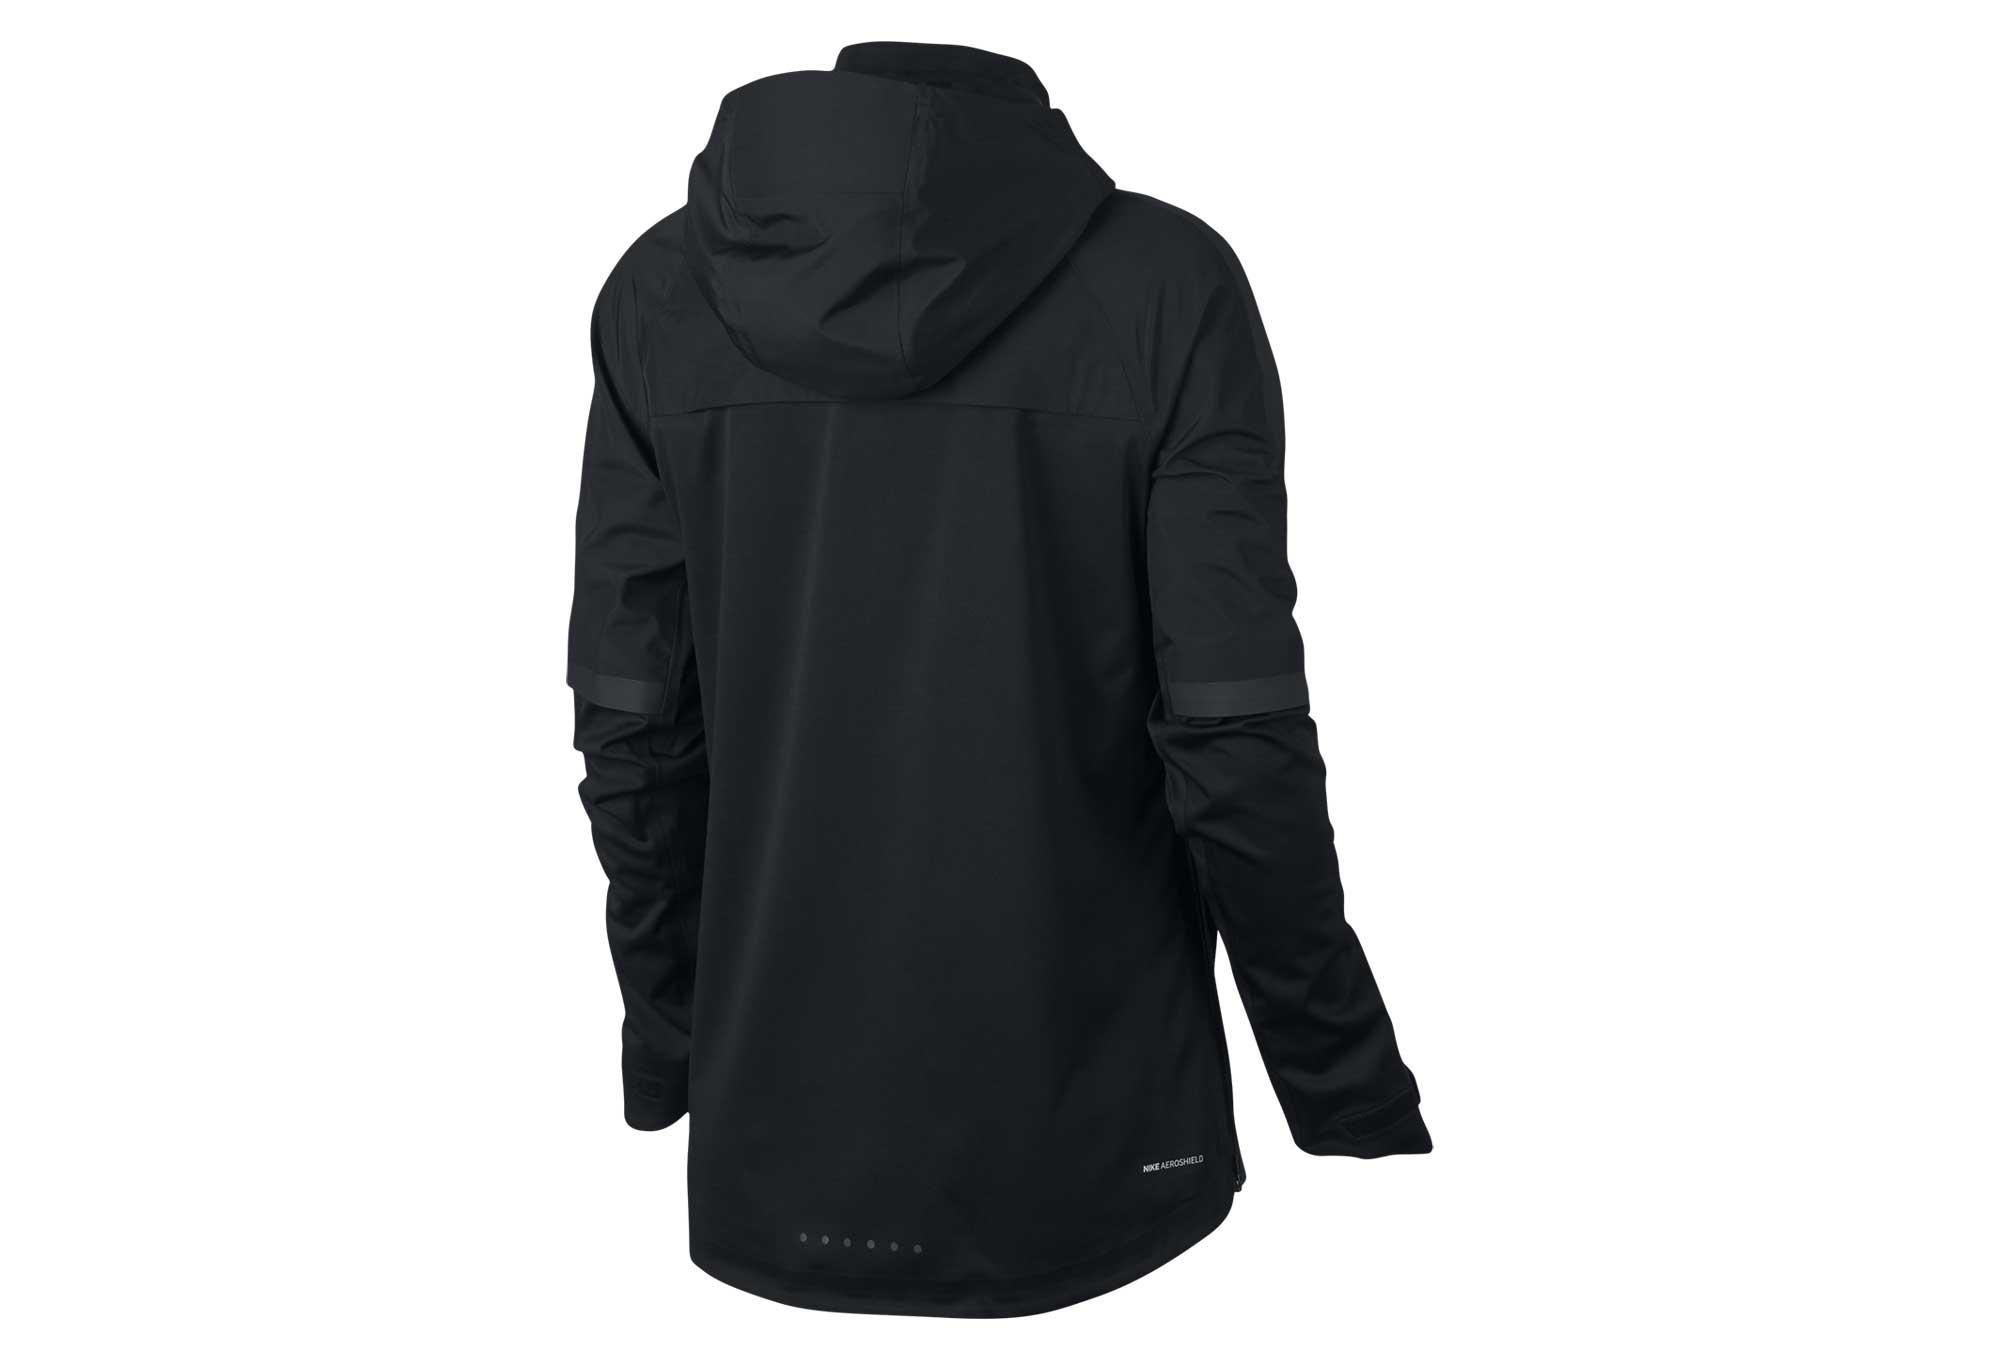 veste imperm able nike aeroshield noir femme